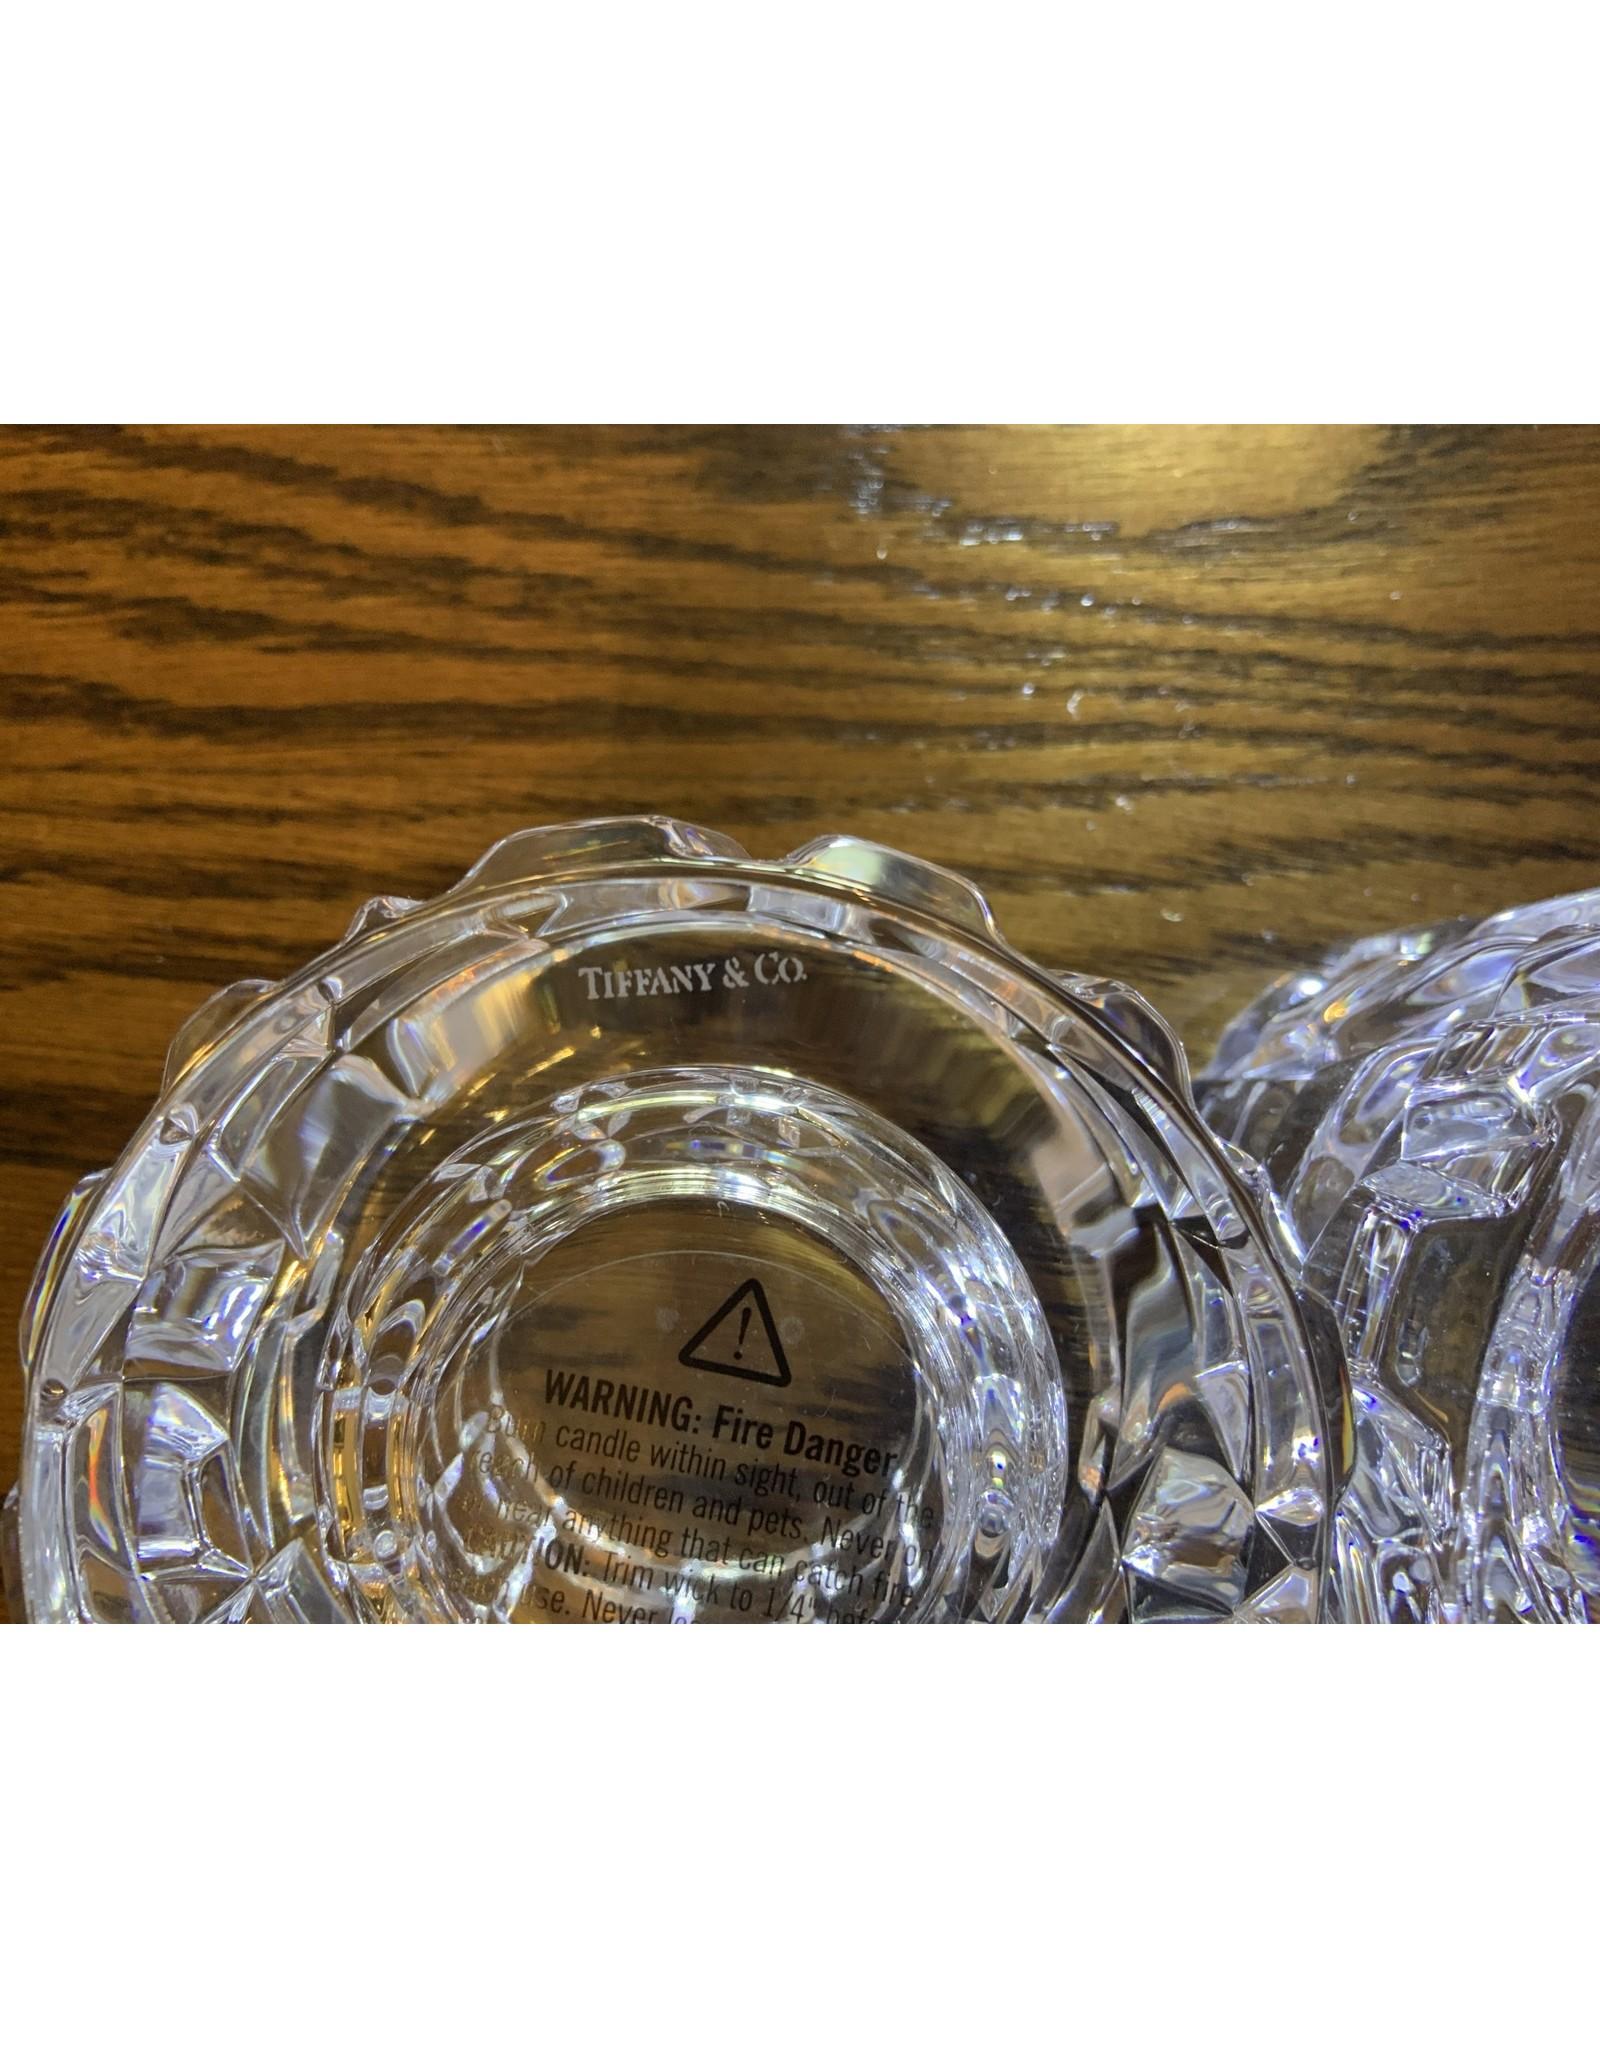 SPV Set of Tiffany & Co. Sierra Votives